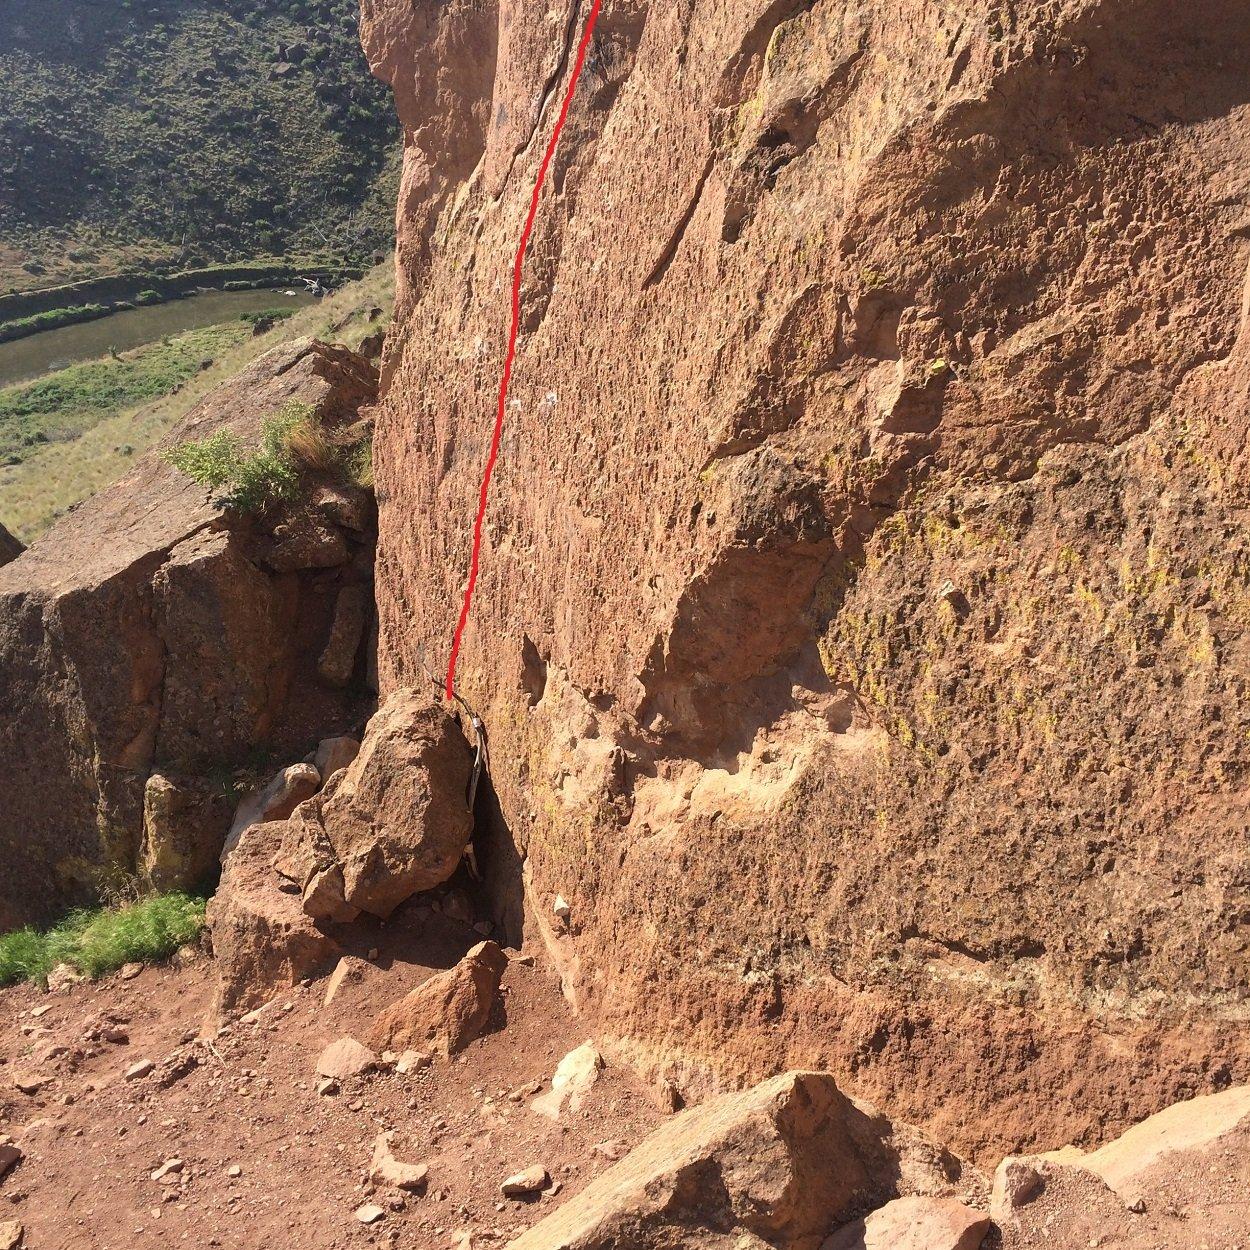 Let's Face It - Smith Rock Climbing